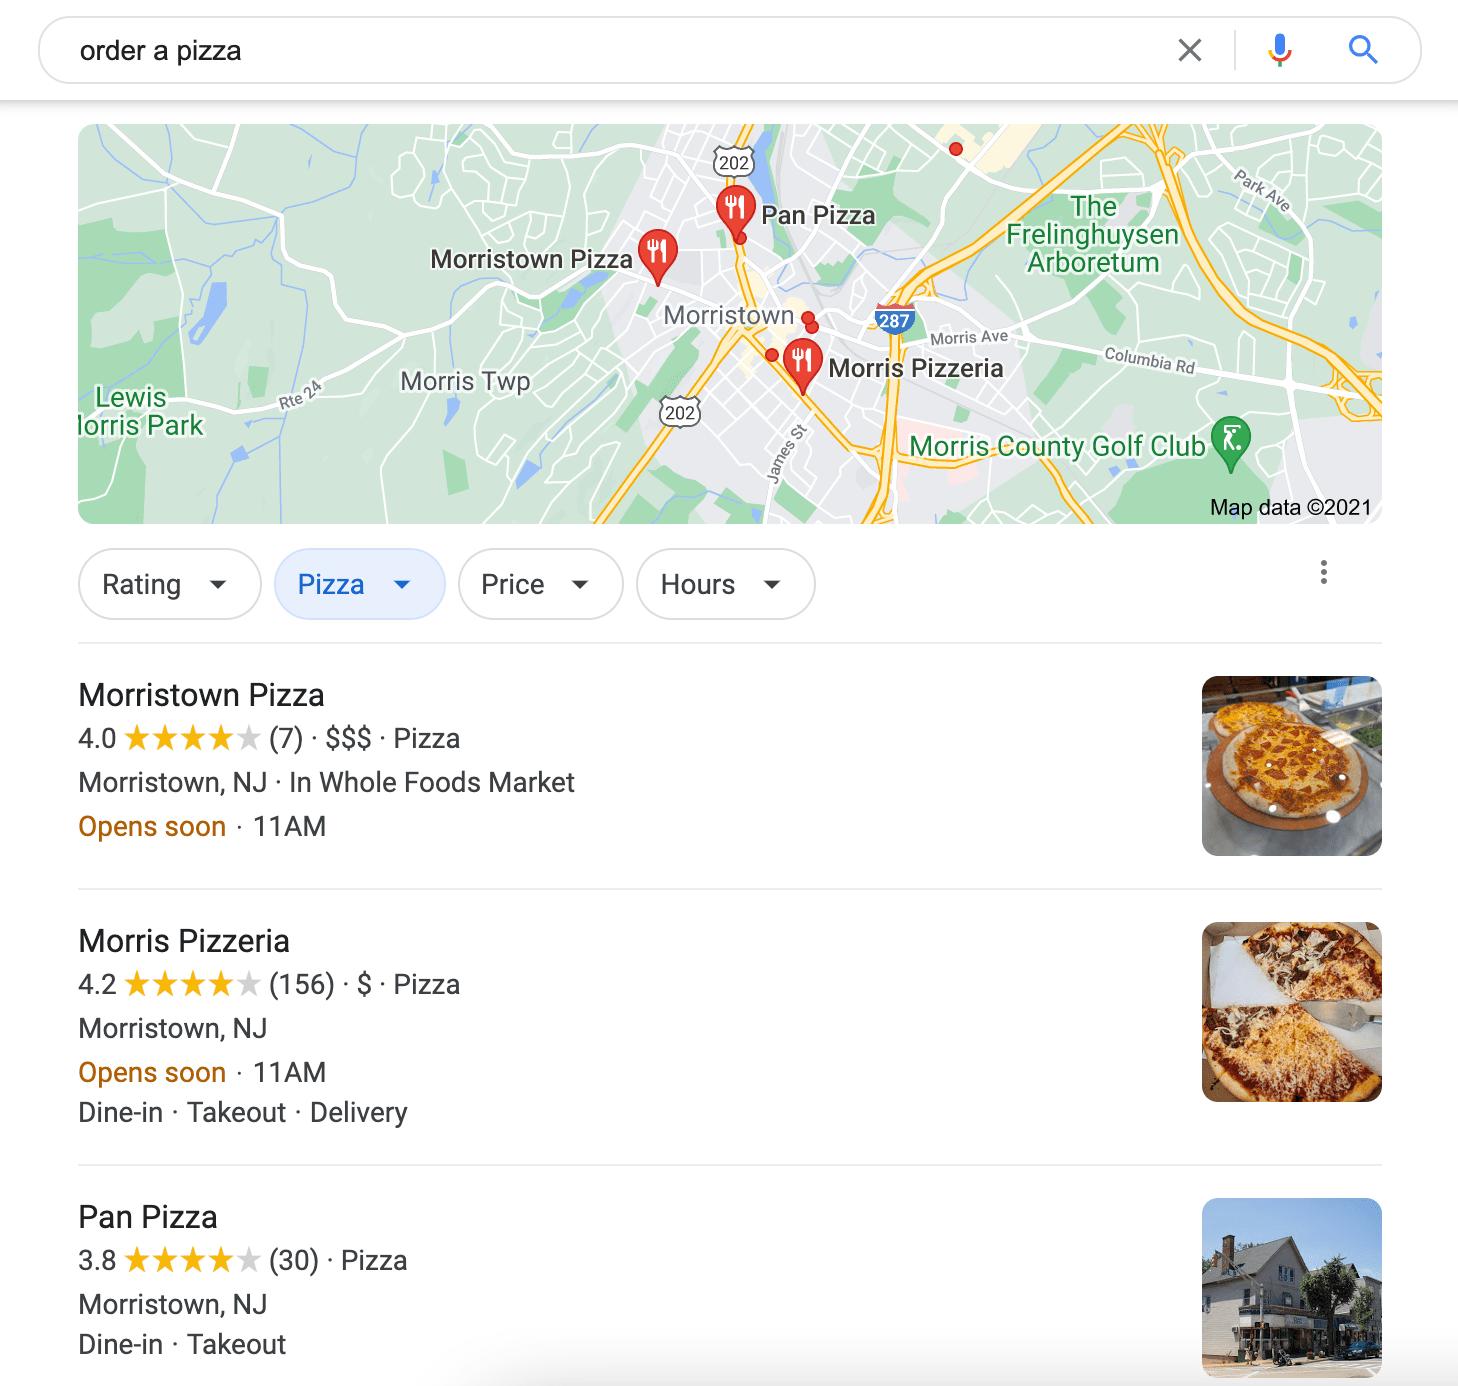 mostrare pizzerie locali nelle query di ricerca per il termine di ricerca ordinare una pizza